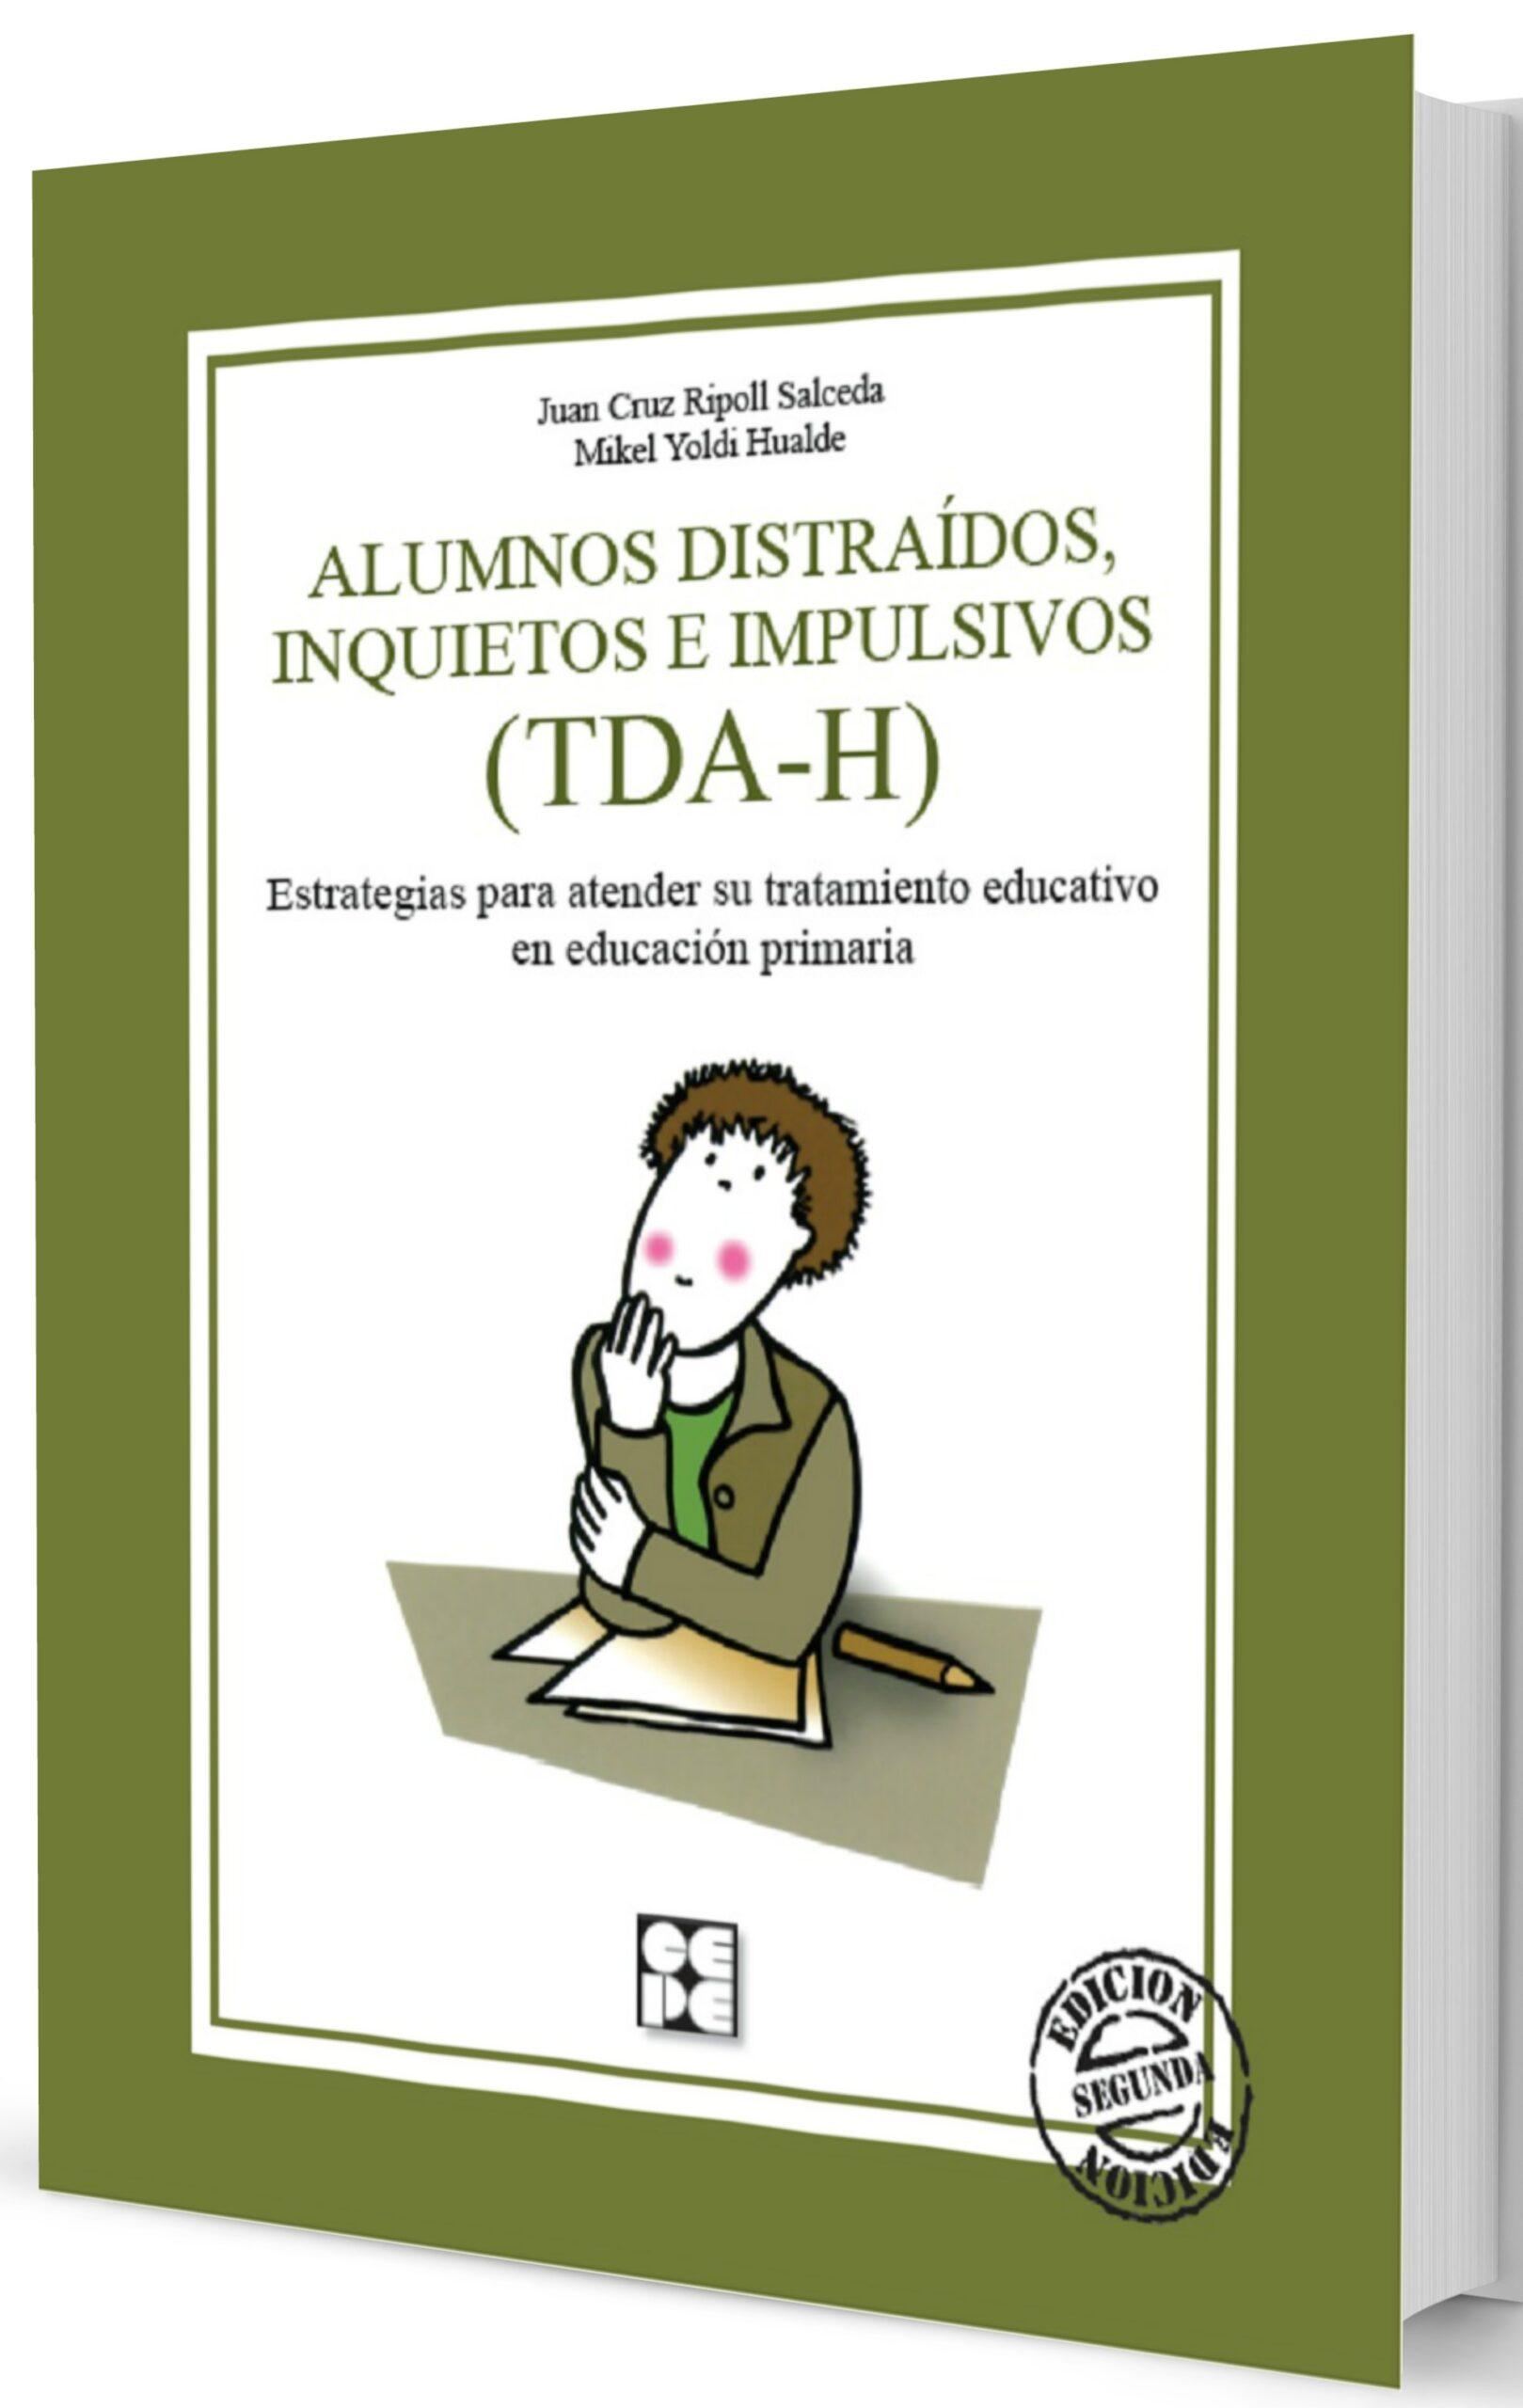 Alumnos distraídos, inquietos e impulsivos (TDA-H). Estrategias para atender su tratamiento educativo en Educación Primaria